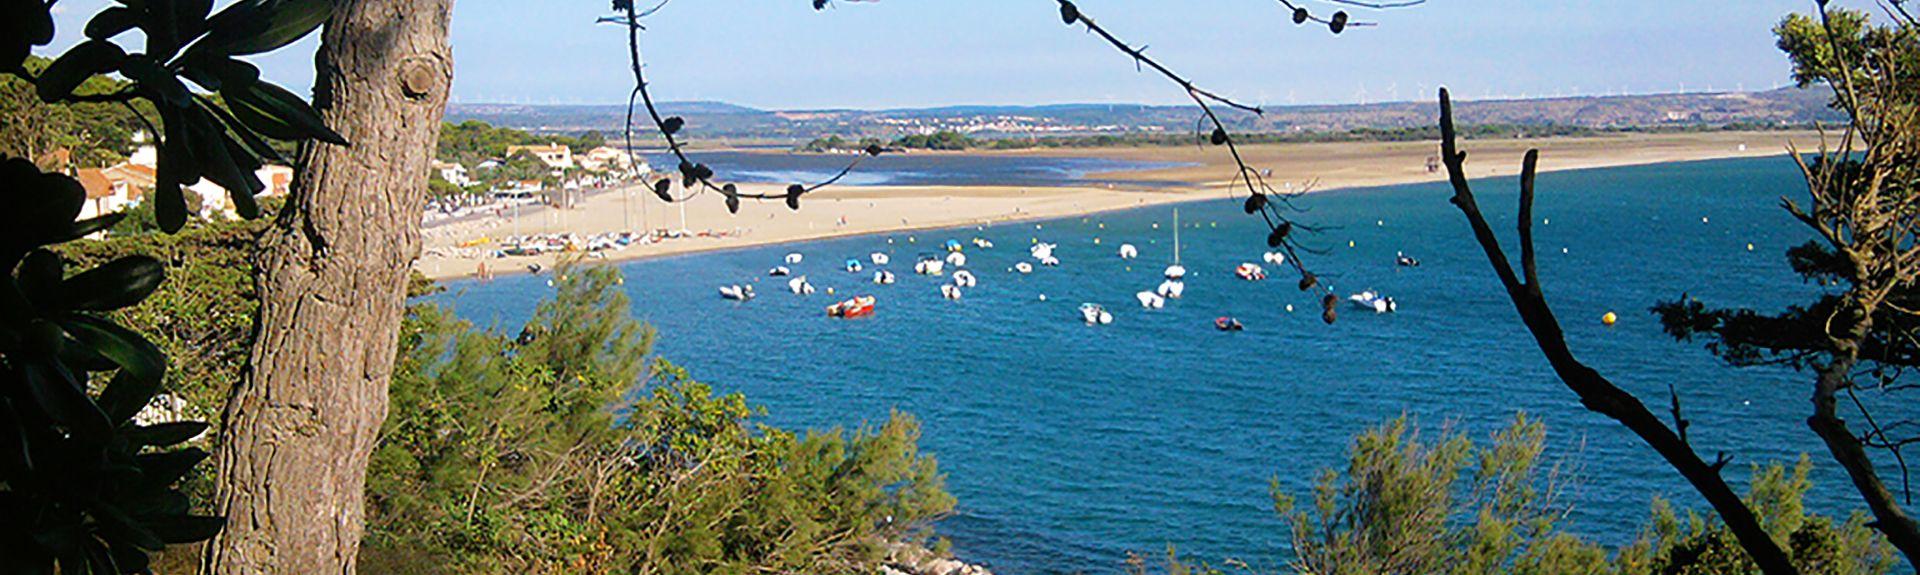 Conilhac-de-la-Montange, Aude (Département), Frankreich